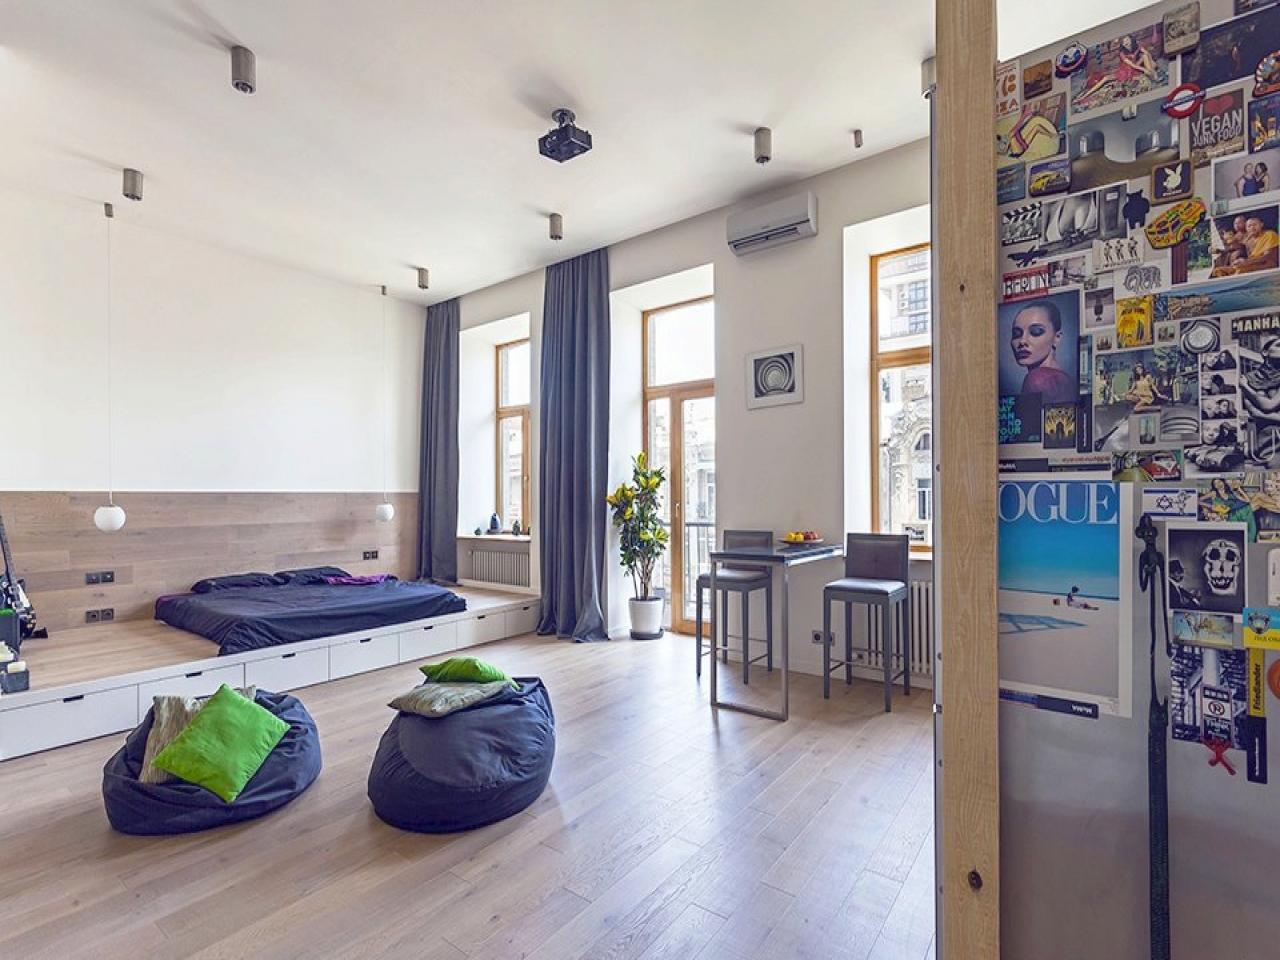 Кровать подиум в квартире